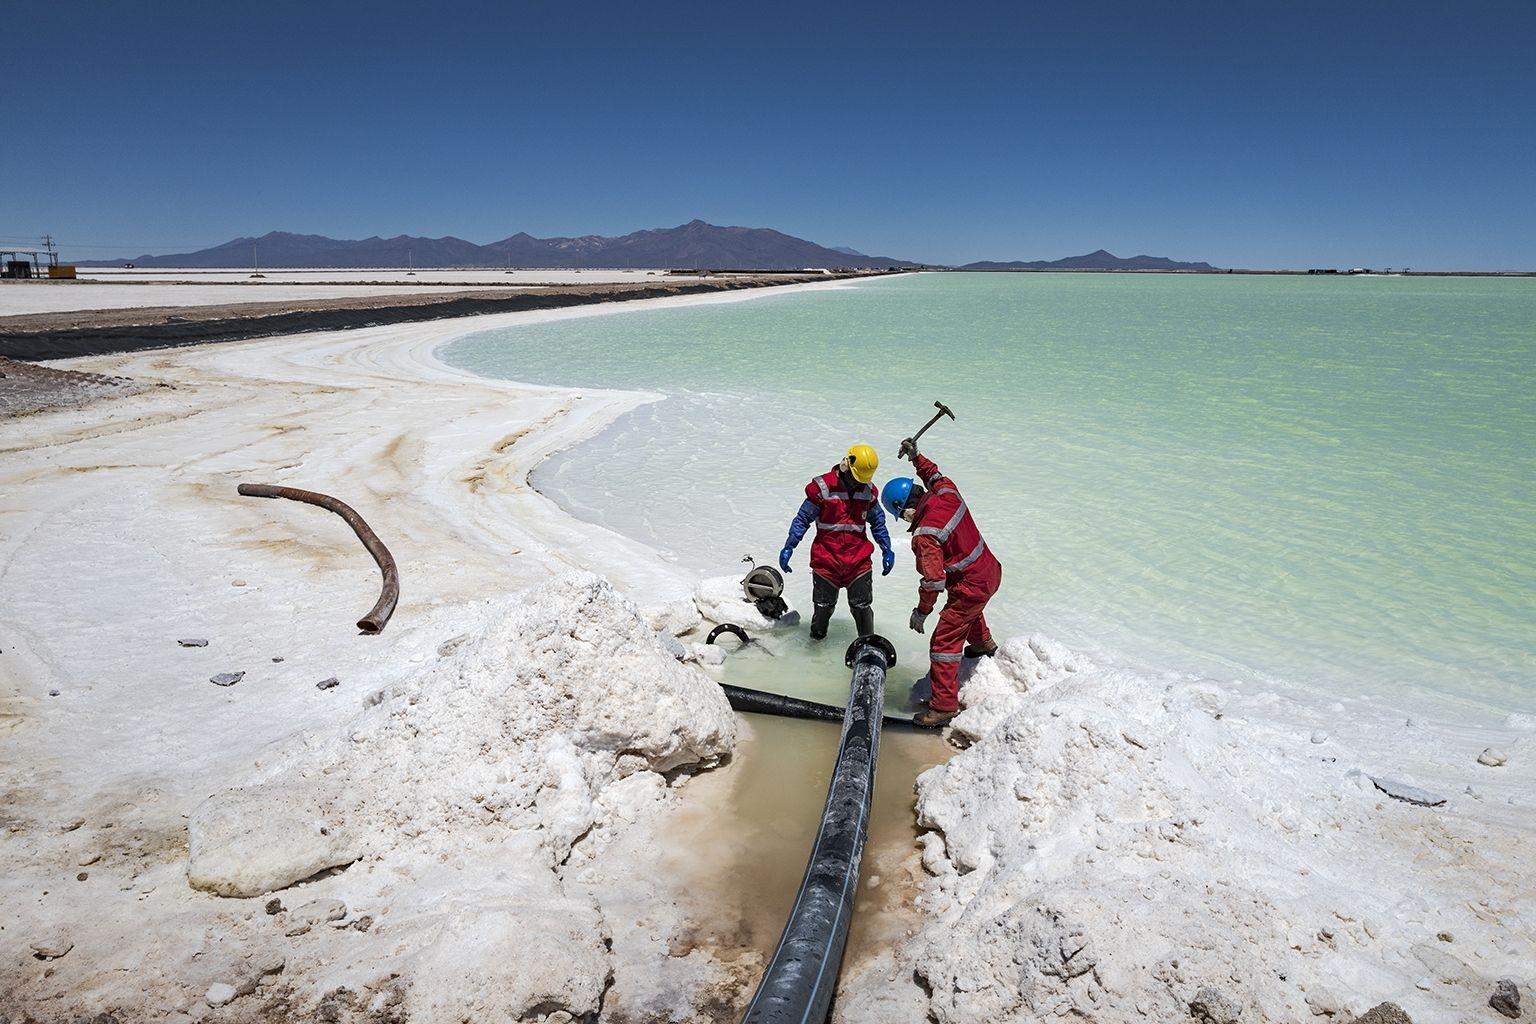 鋰工廠的工人使用鐵鎚擊碎一塊鹽層,因為鹽塊經常會阻塞將含有鋰的鹽水運輸到蒸發池的管線。乾燥的鹽則堆積在蒸發池四周。PHOTO: CÉDRIC GERBEHAYE